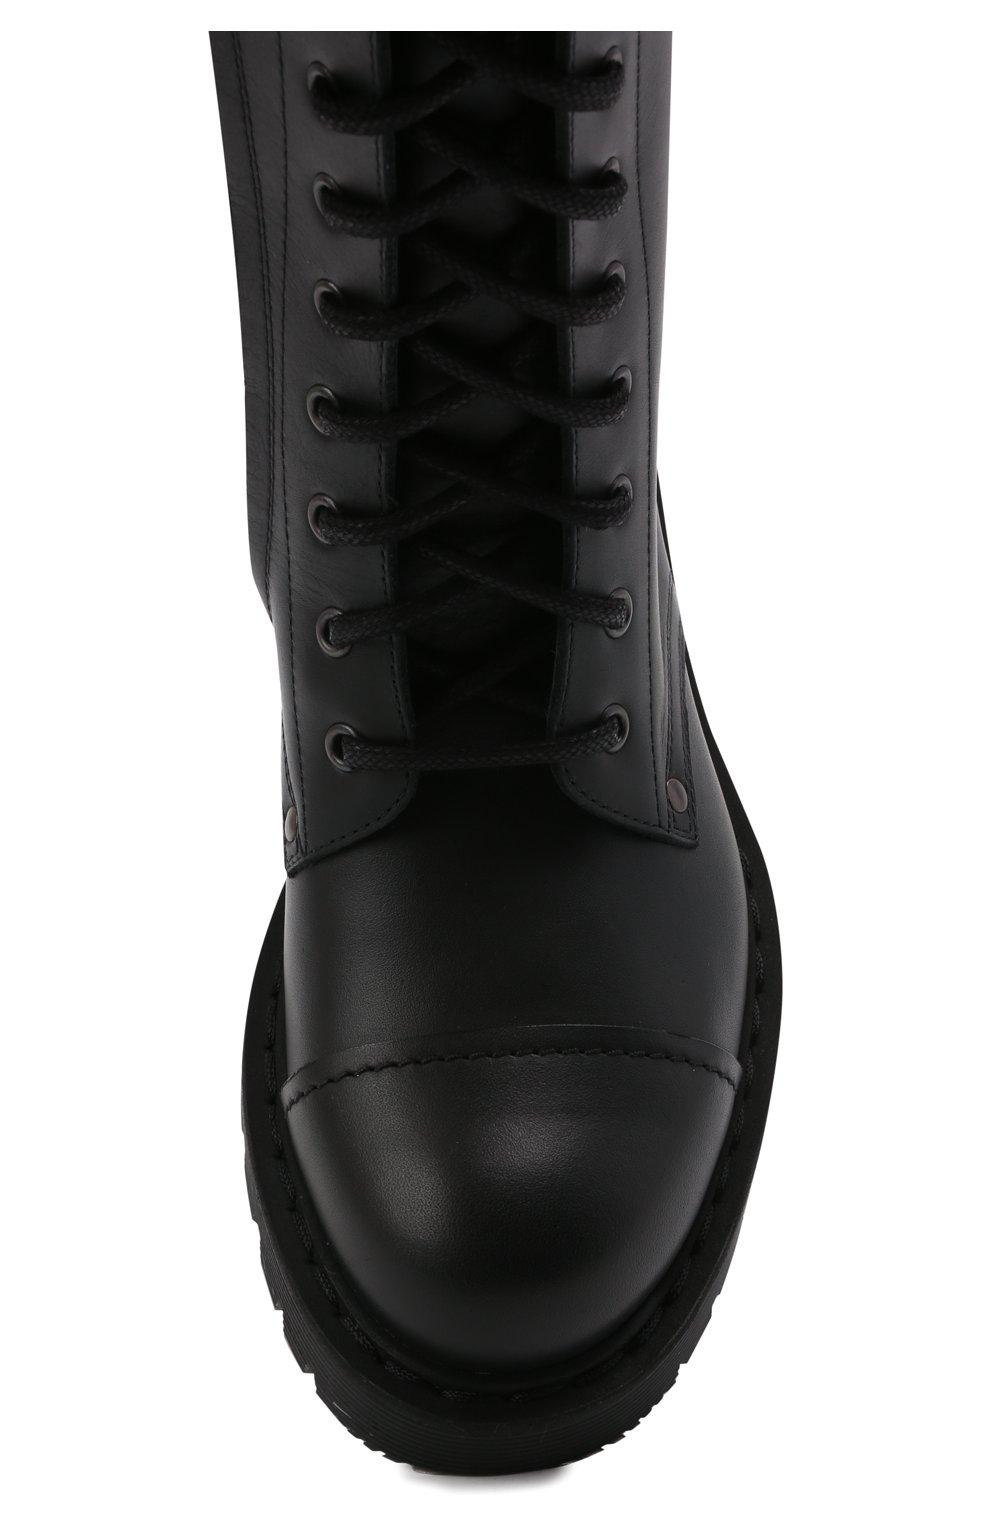 Женские кожаные ботинки VETEMENTS черно-белого цвета, арт. UA52B0200B 2414/W | Фото 5 (Подошва: Платформа; Каблук высота: Низкий; Женское Кросс-КТ: Военные ботинки; Материал внутренний: Натуральная кожа)